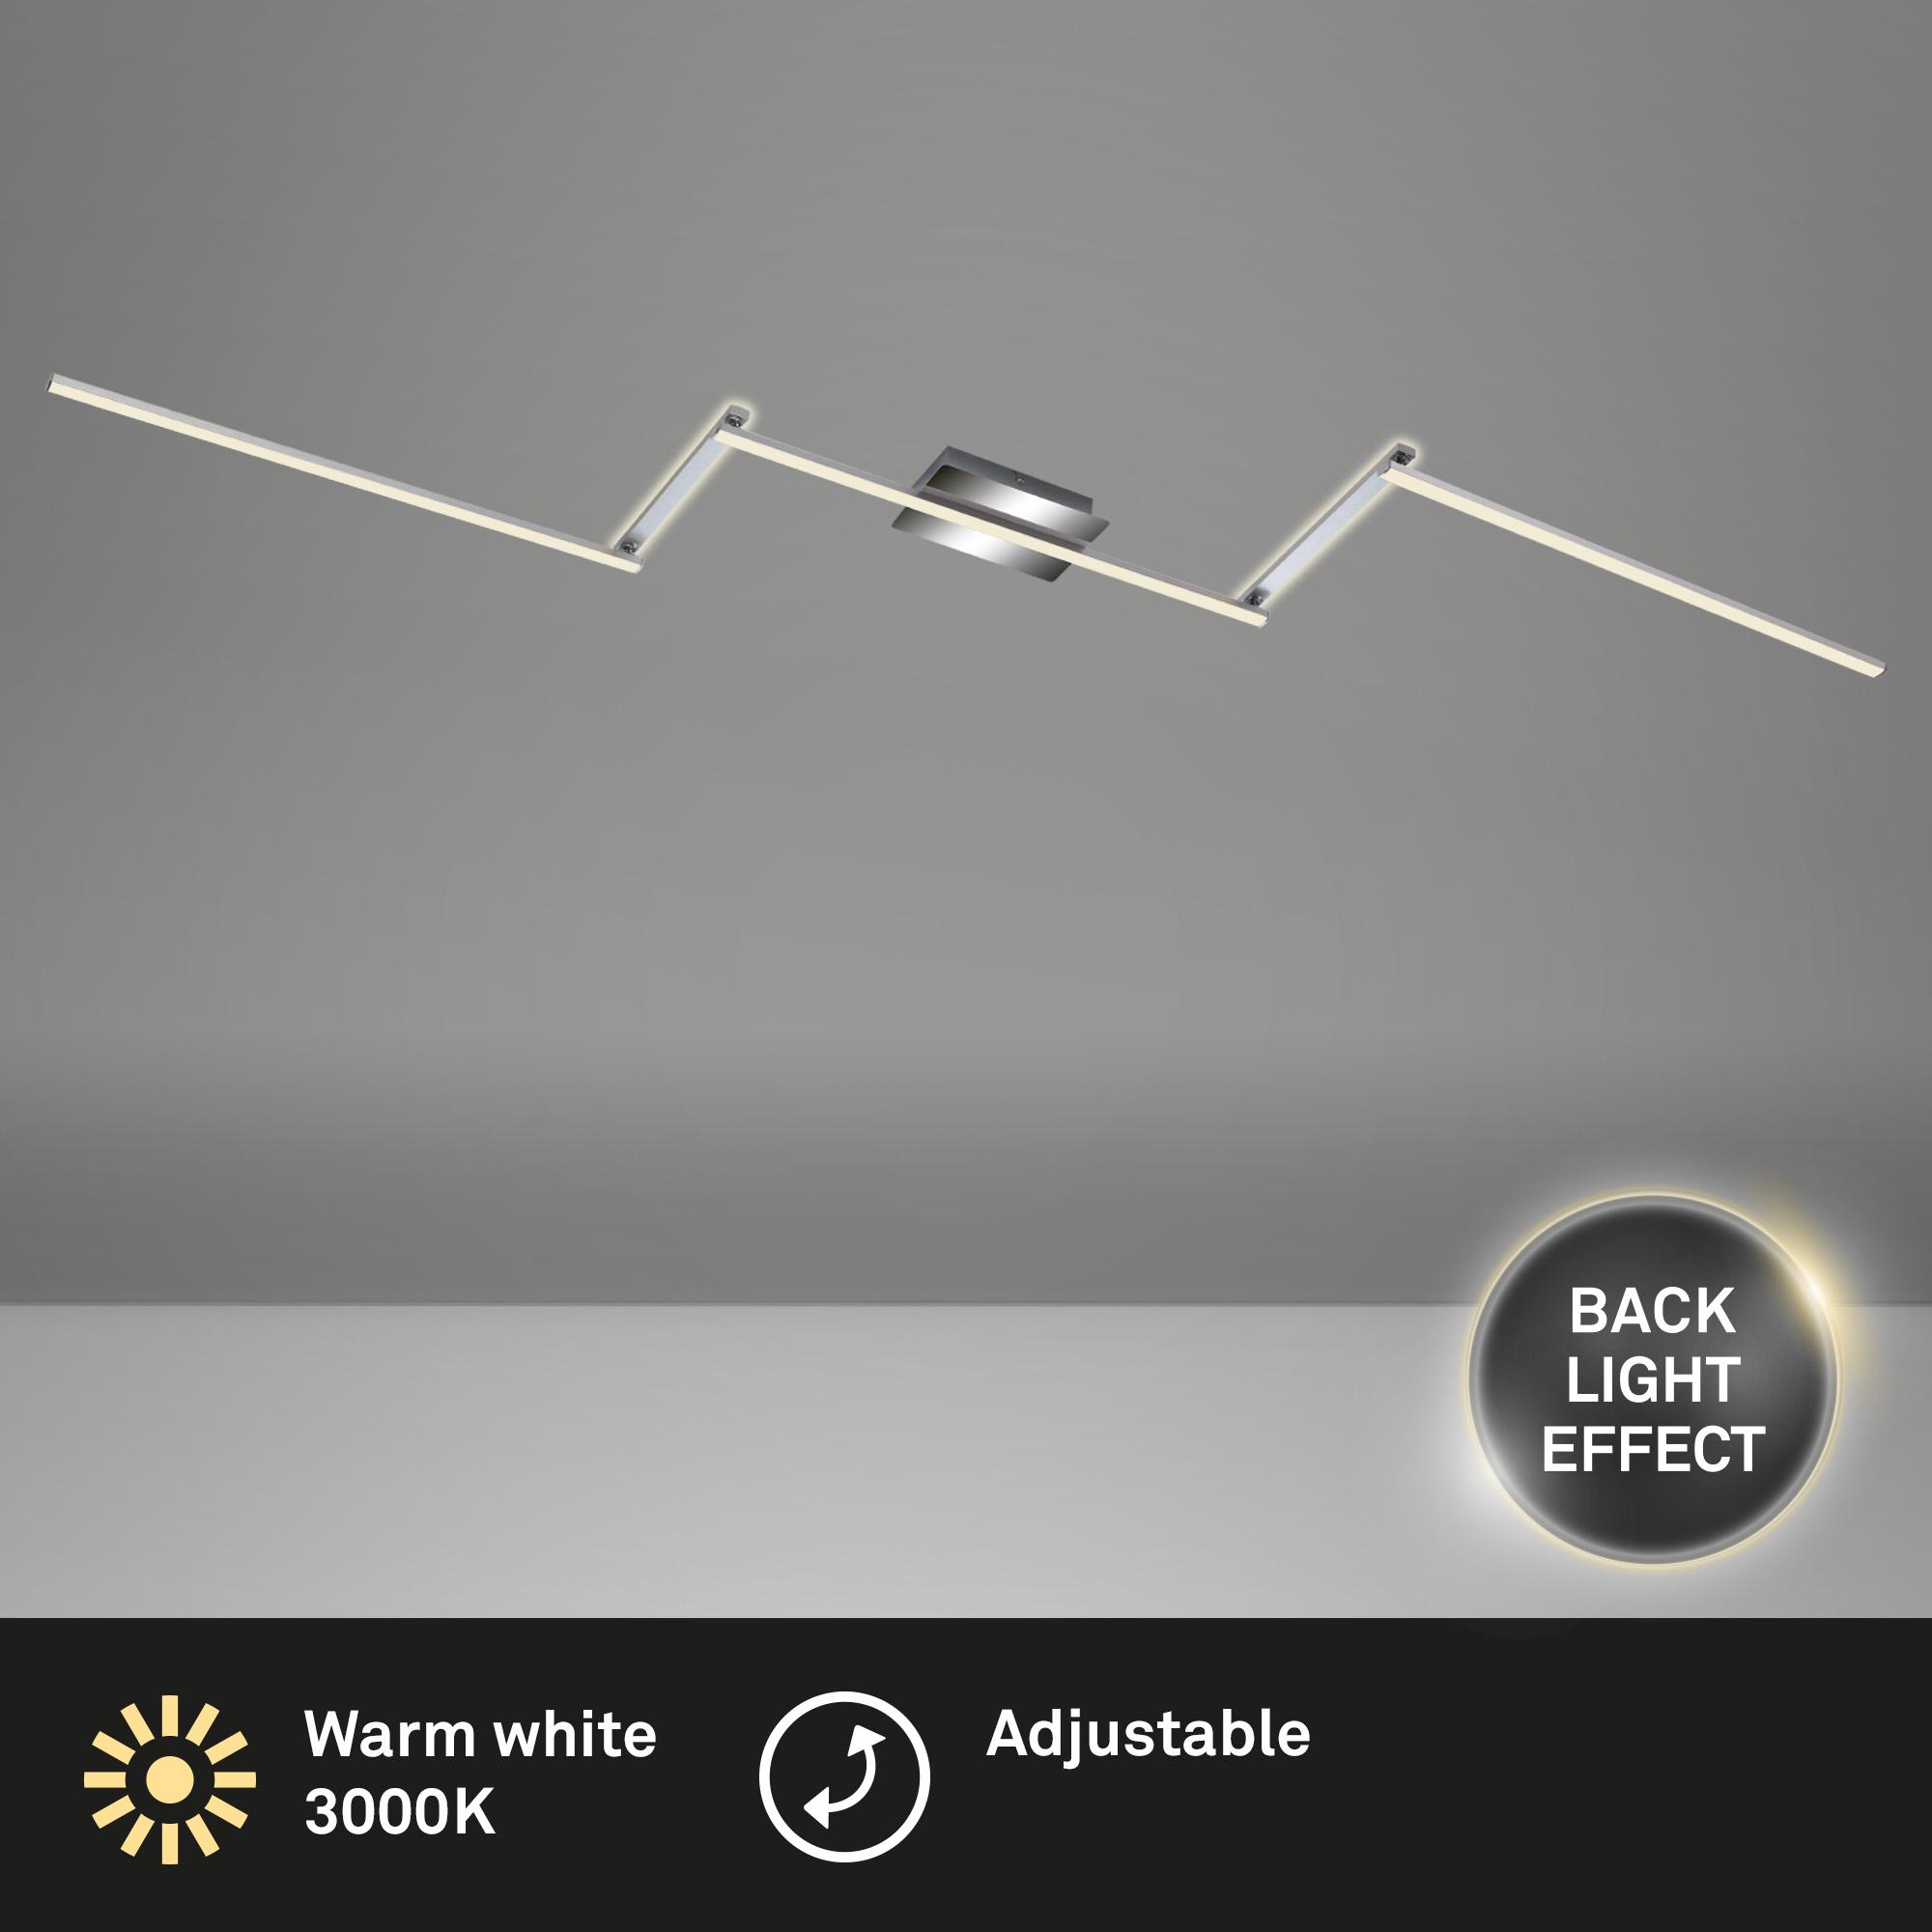 LED Deckenleuchte, 227,2 cm, 24 W, Alu-Chrom